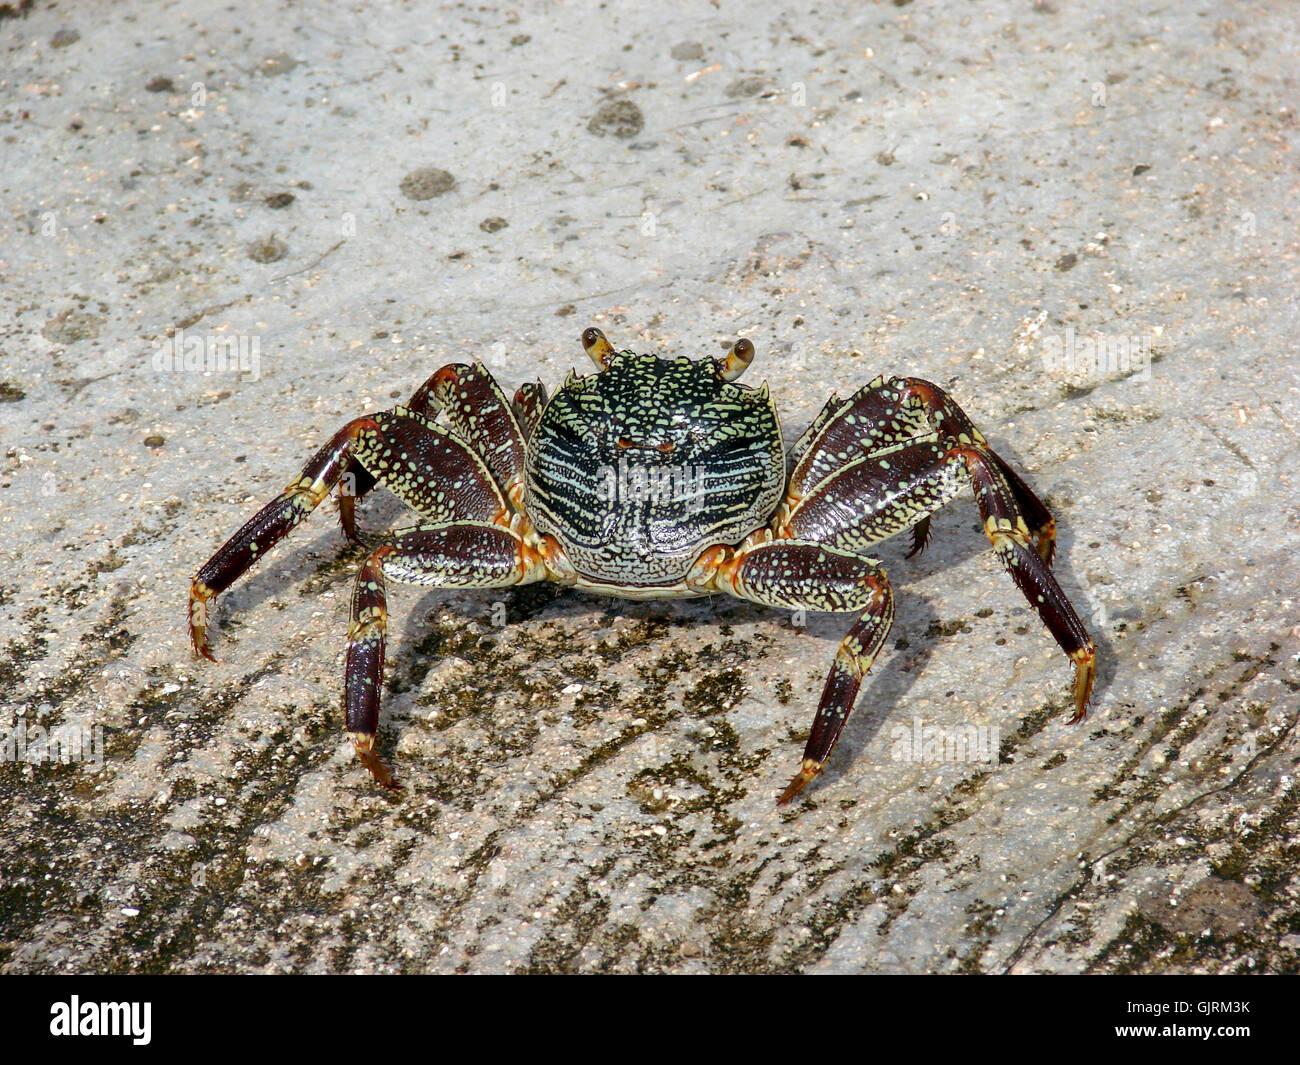 animal maldives cancer - Stock Image